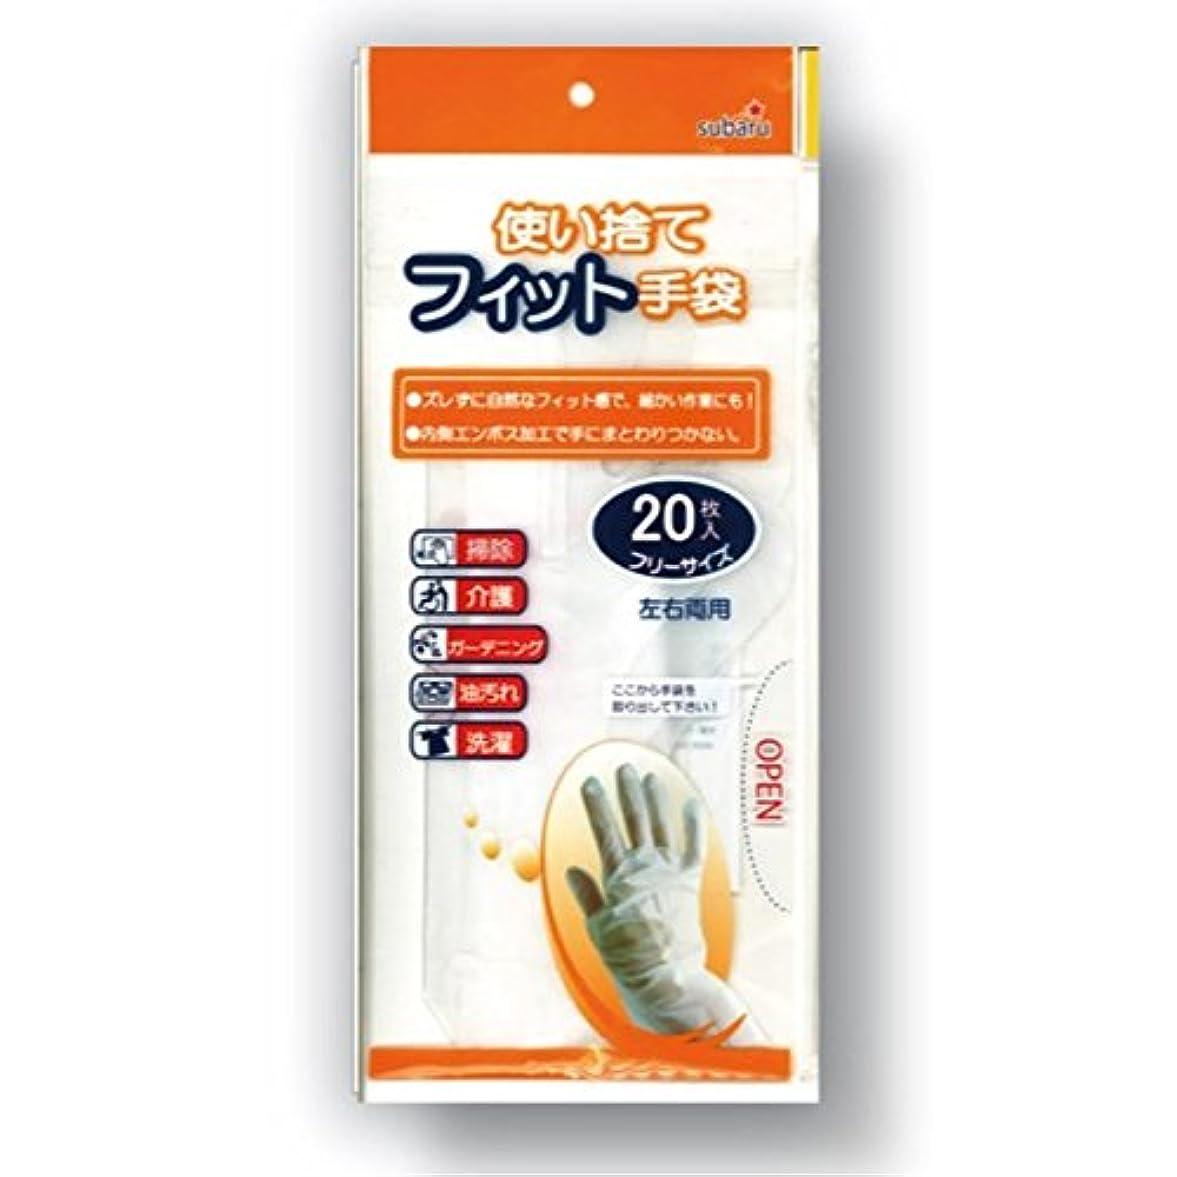 予防接種する反逆角度使い捨てフィット手袋フリーサイズ20枚入[12個セット] 227-19